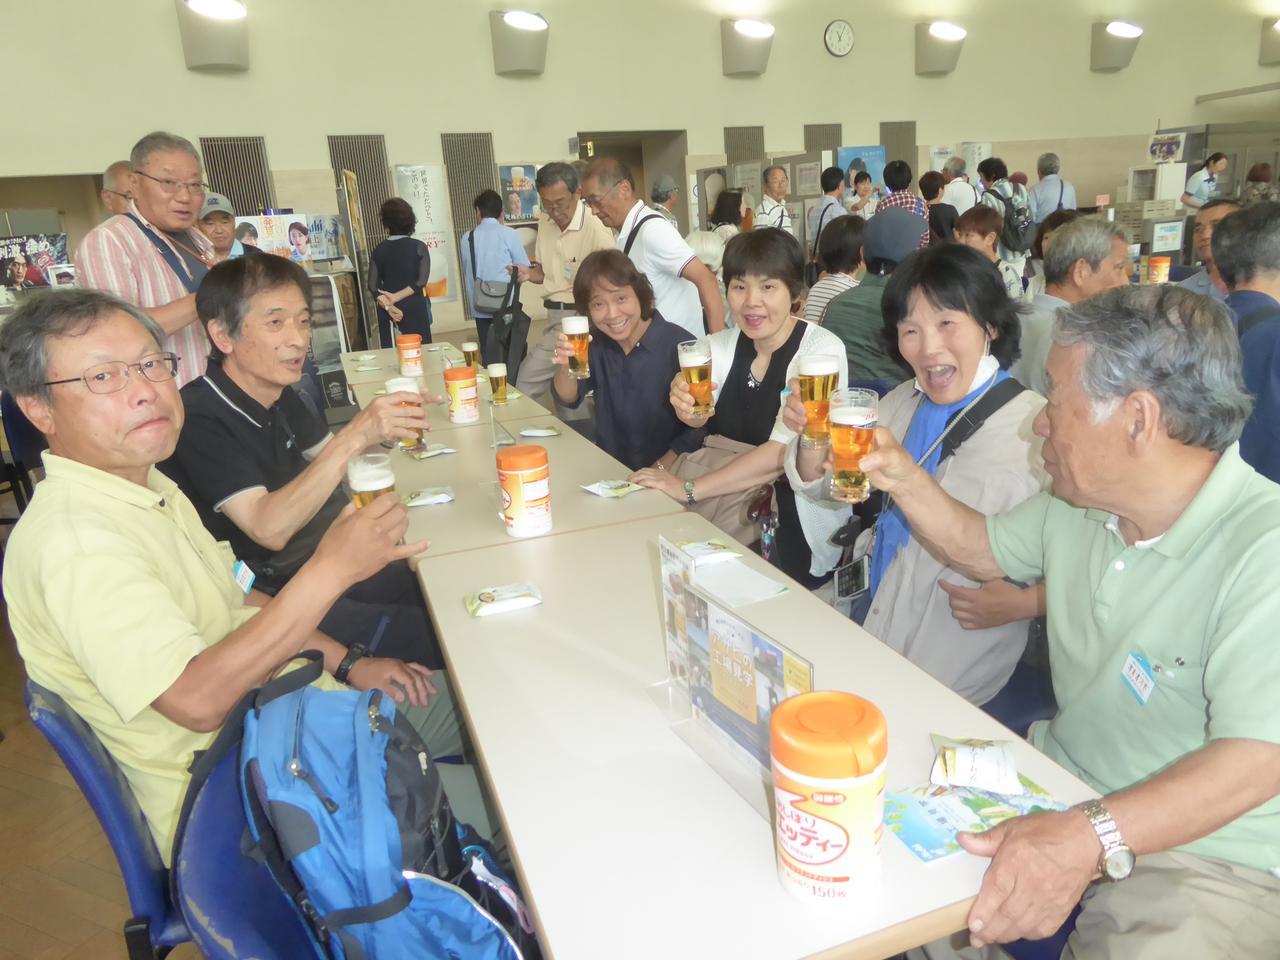 画像2: 【関西エコースタッフデスク】さあ夏!!ビールの美味しい季節 アサヒビール吹田工場見学